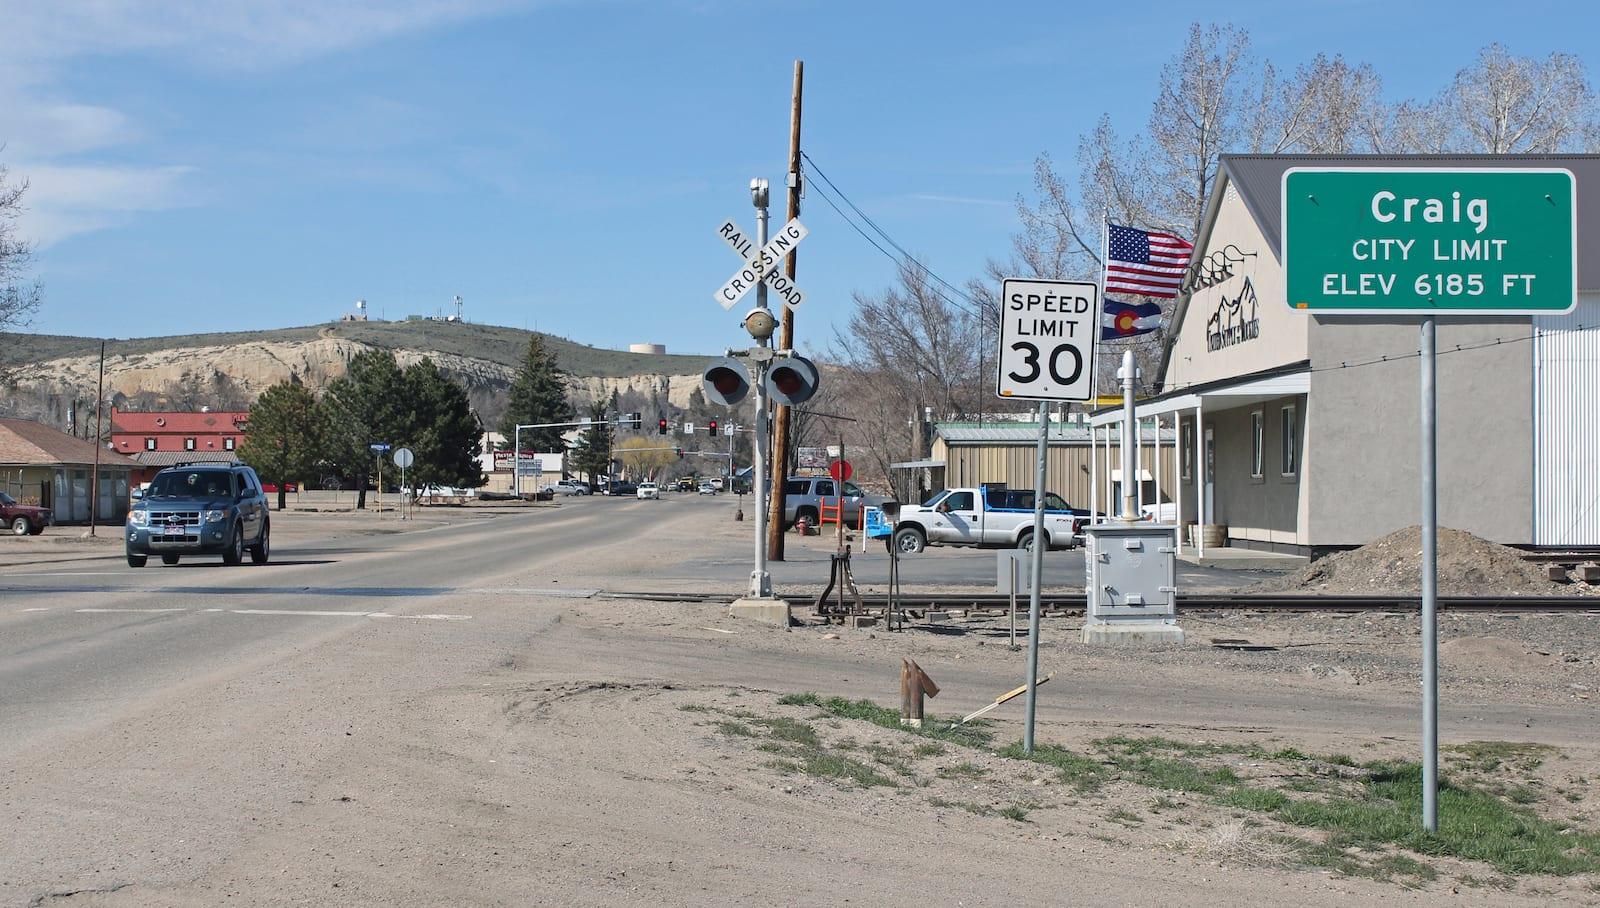 Craig Colorado City Limit Sign